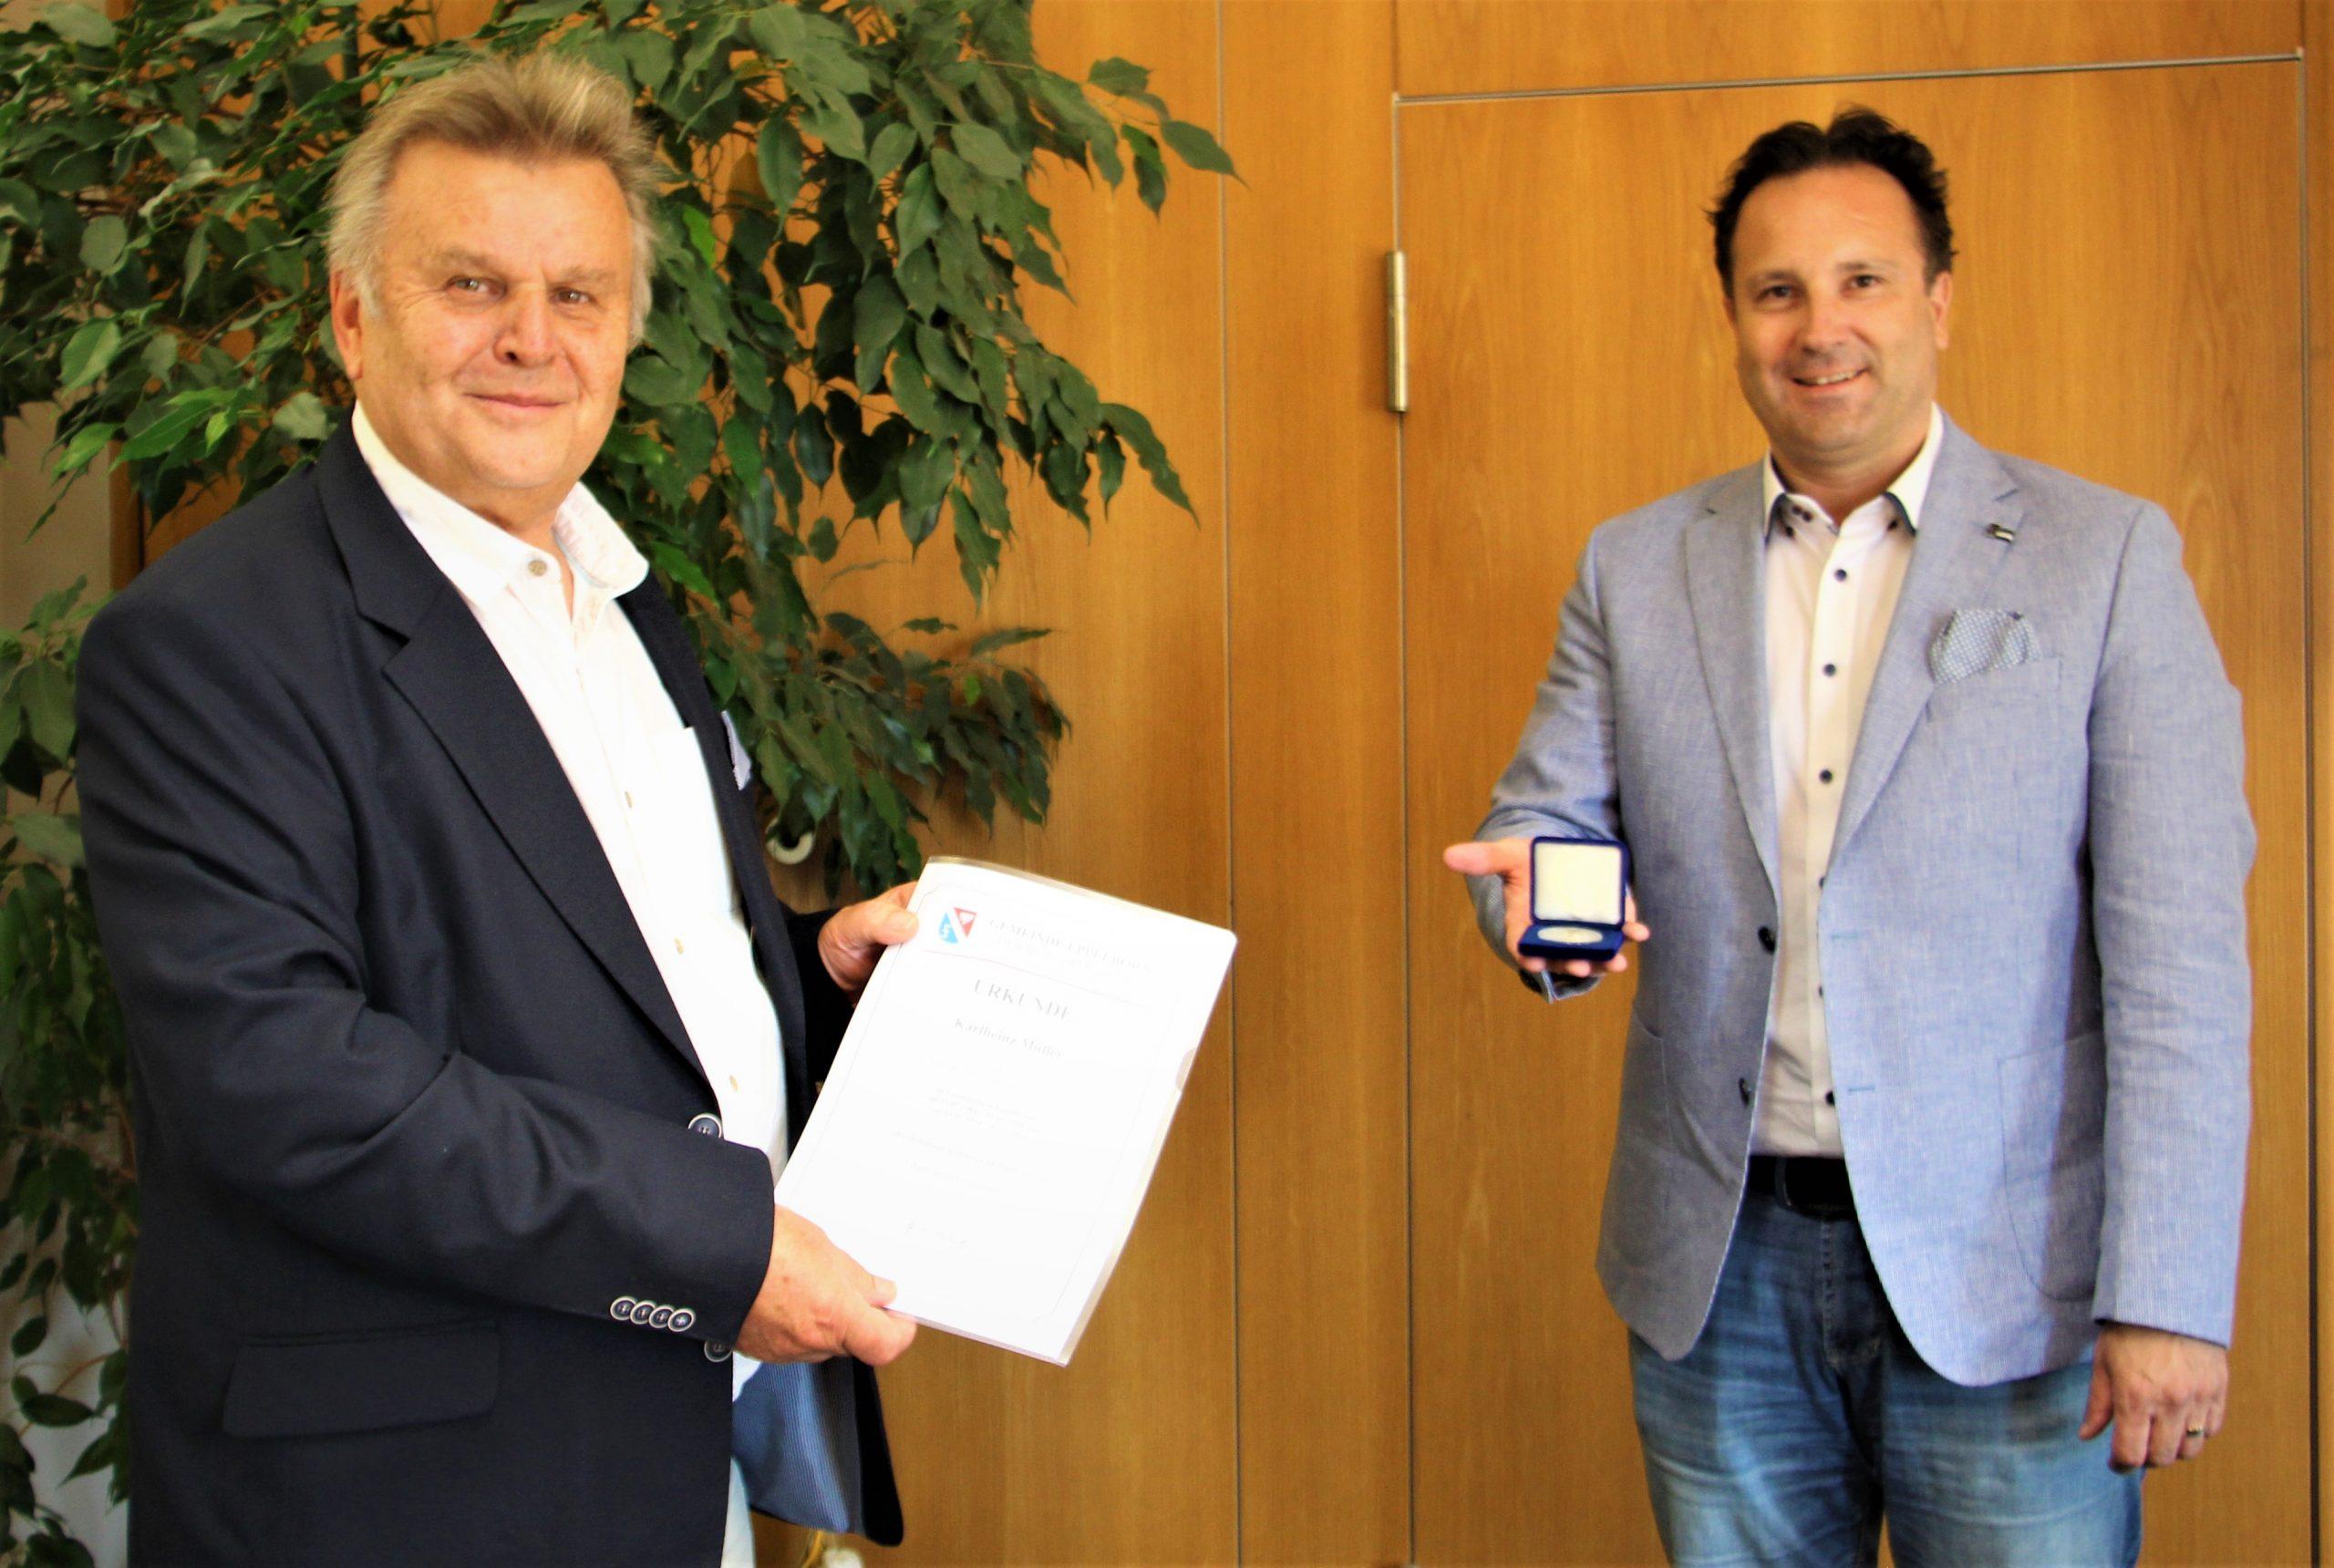 Karlheinz Müller für 35 Jahre Tätigkeit im Gemeinderat Eppelborn ausgezeichnet